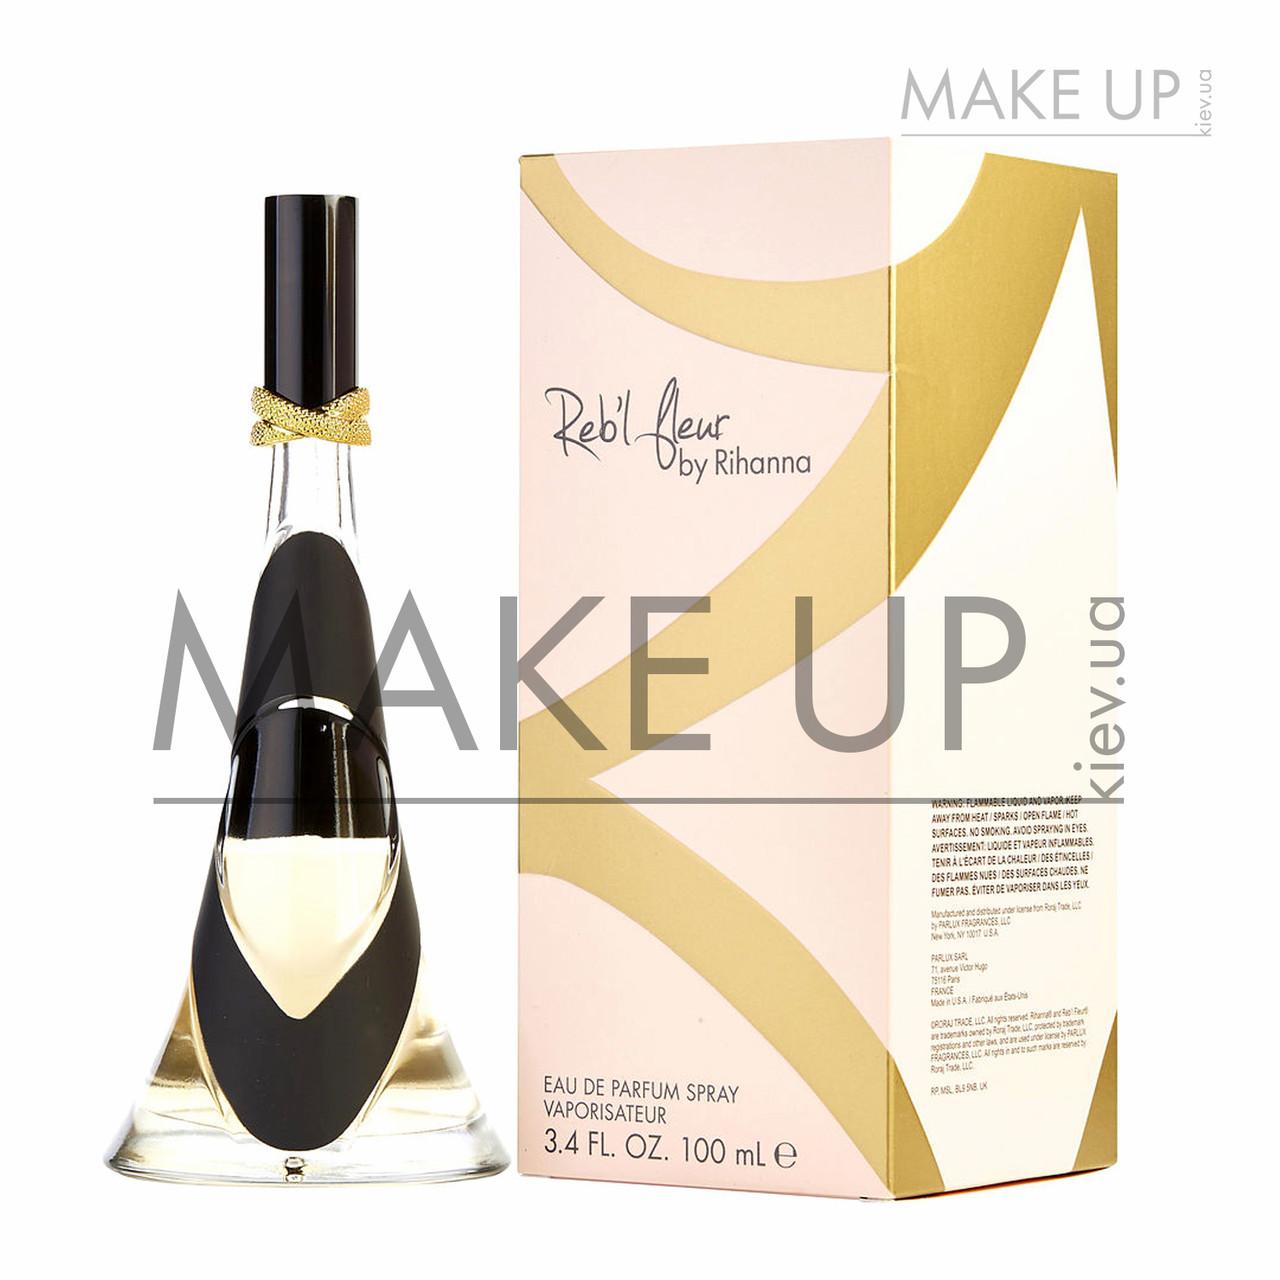 Женская парфюмированная вода Rihanna Rebl I Fleur EDP 100 мл.| Лицензия Объединенные Арабские Эмираты